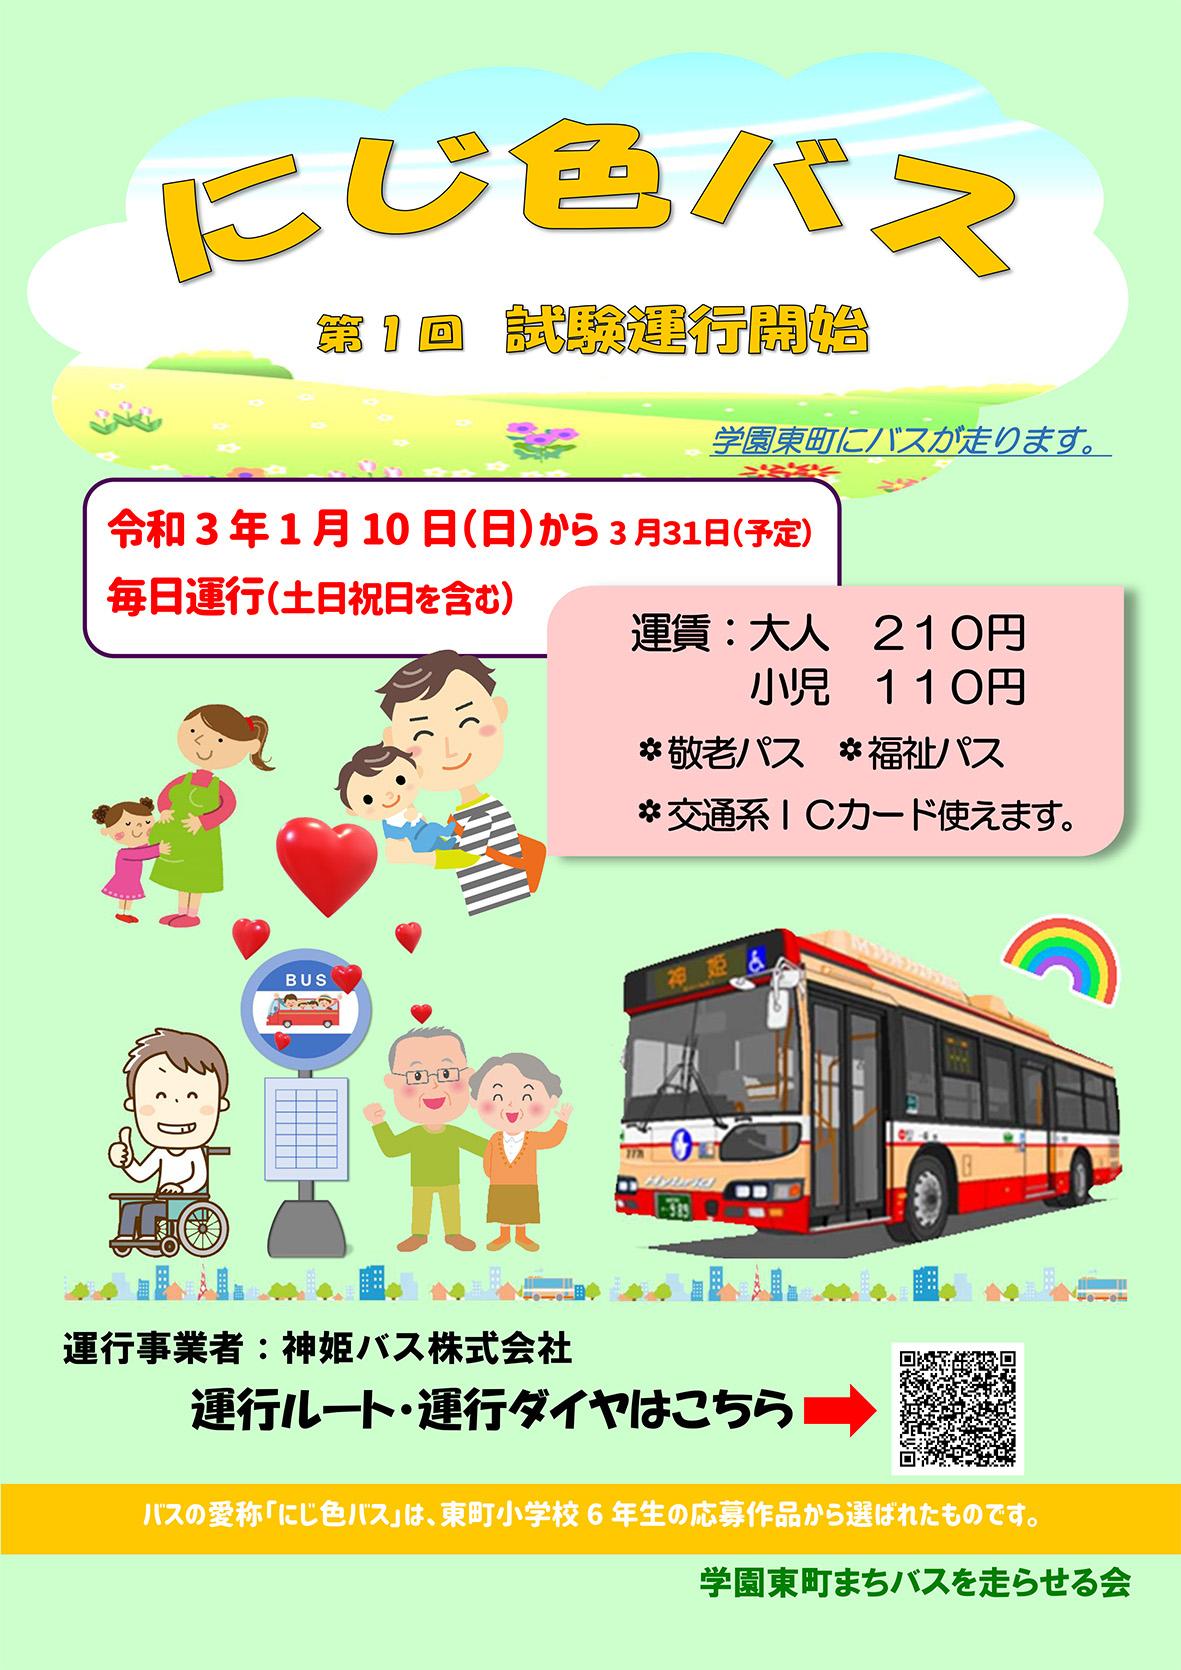 記事 R3.1/10より 西区学園東町コミュニティバス試験運行開始のアイキャッチ画像